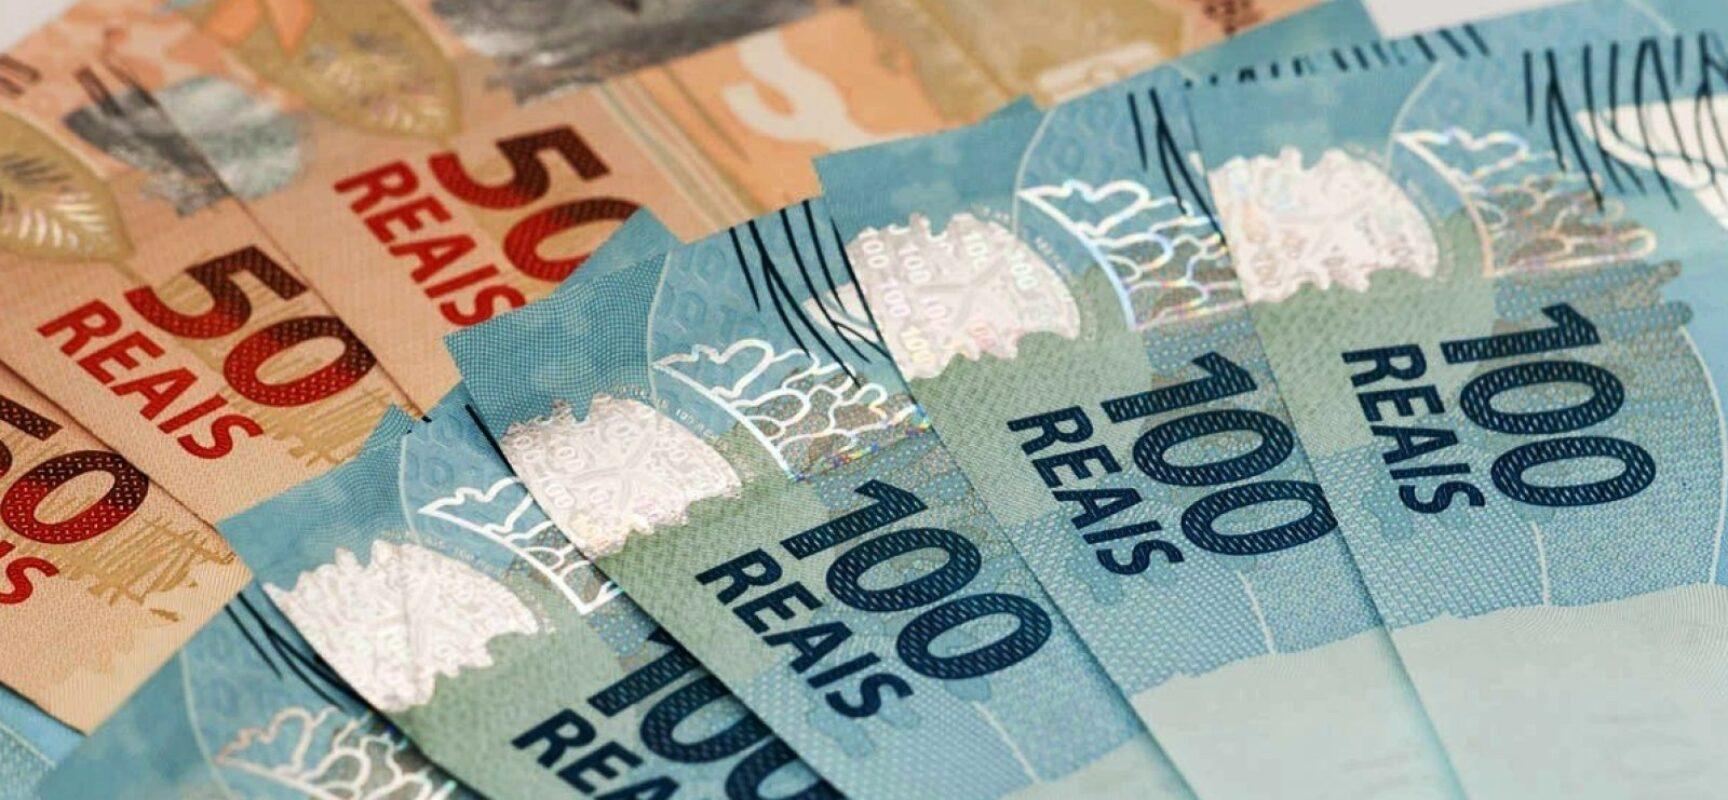 Arrecadação federal bate novo recorde em julho e marca R$ 171,270 bilhões